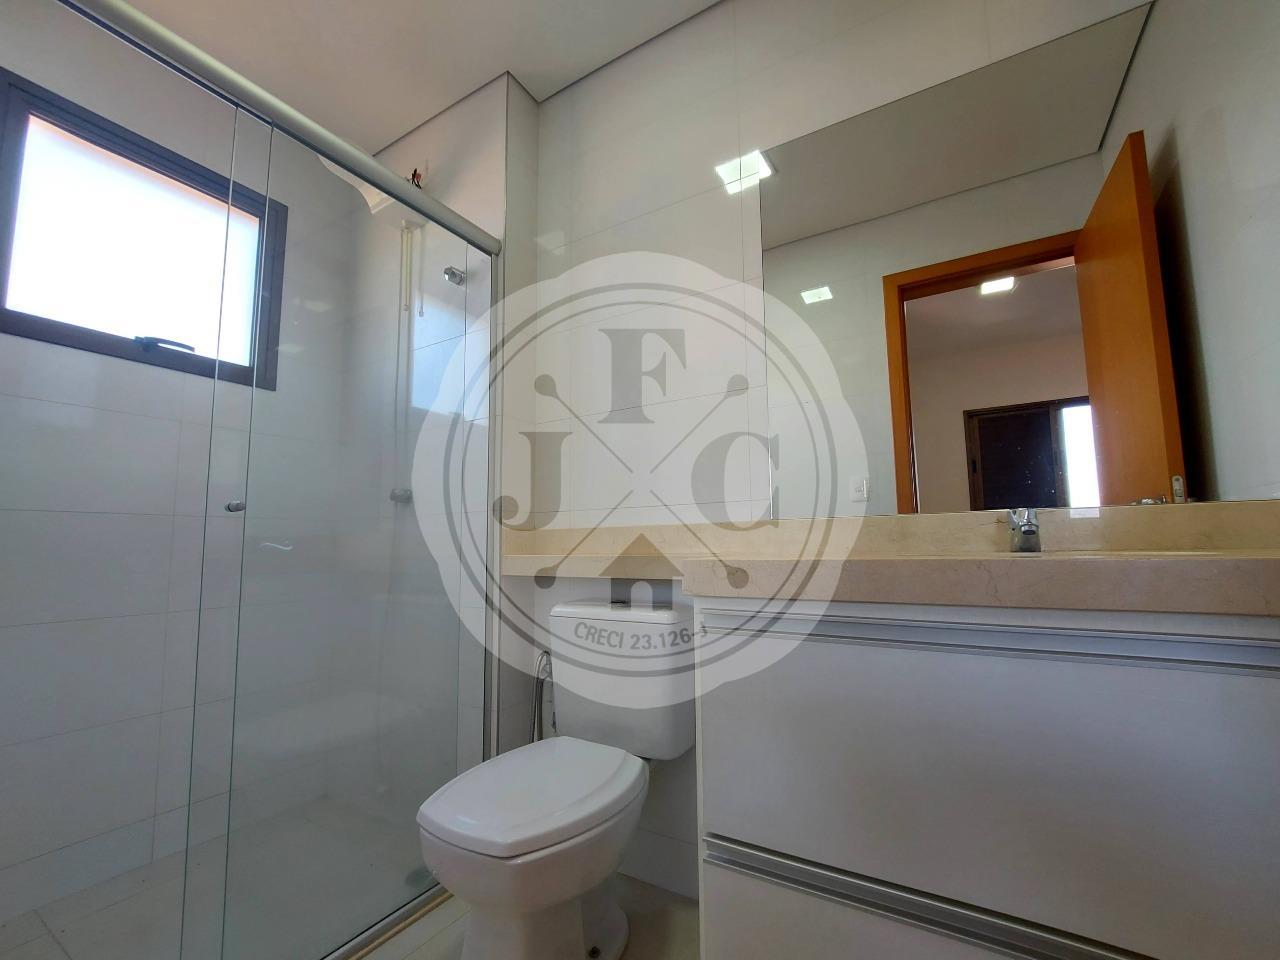 Apartamento para aluguel no Jardim Irajá: Banheiro Suíte